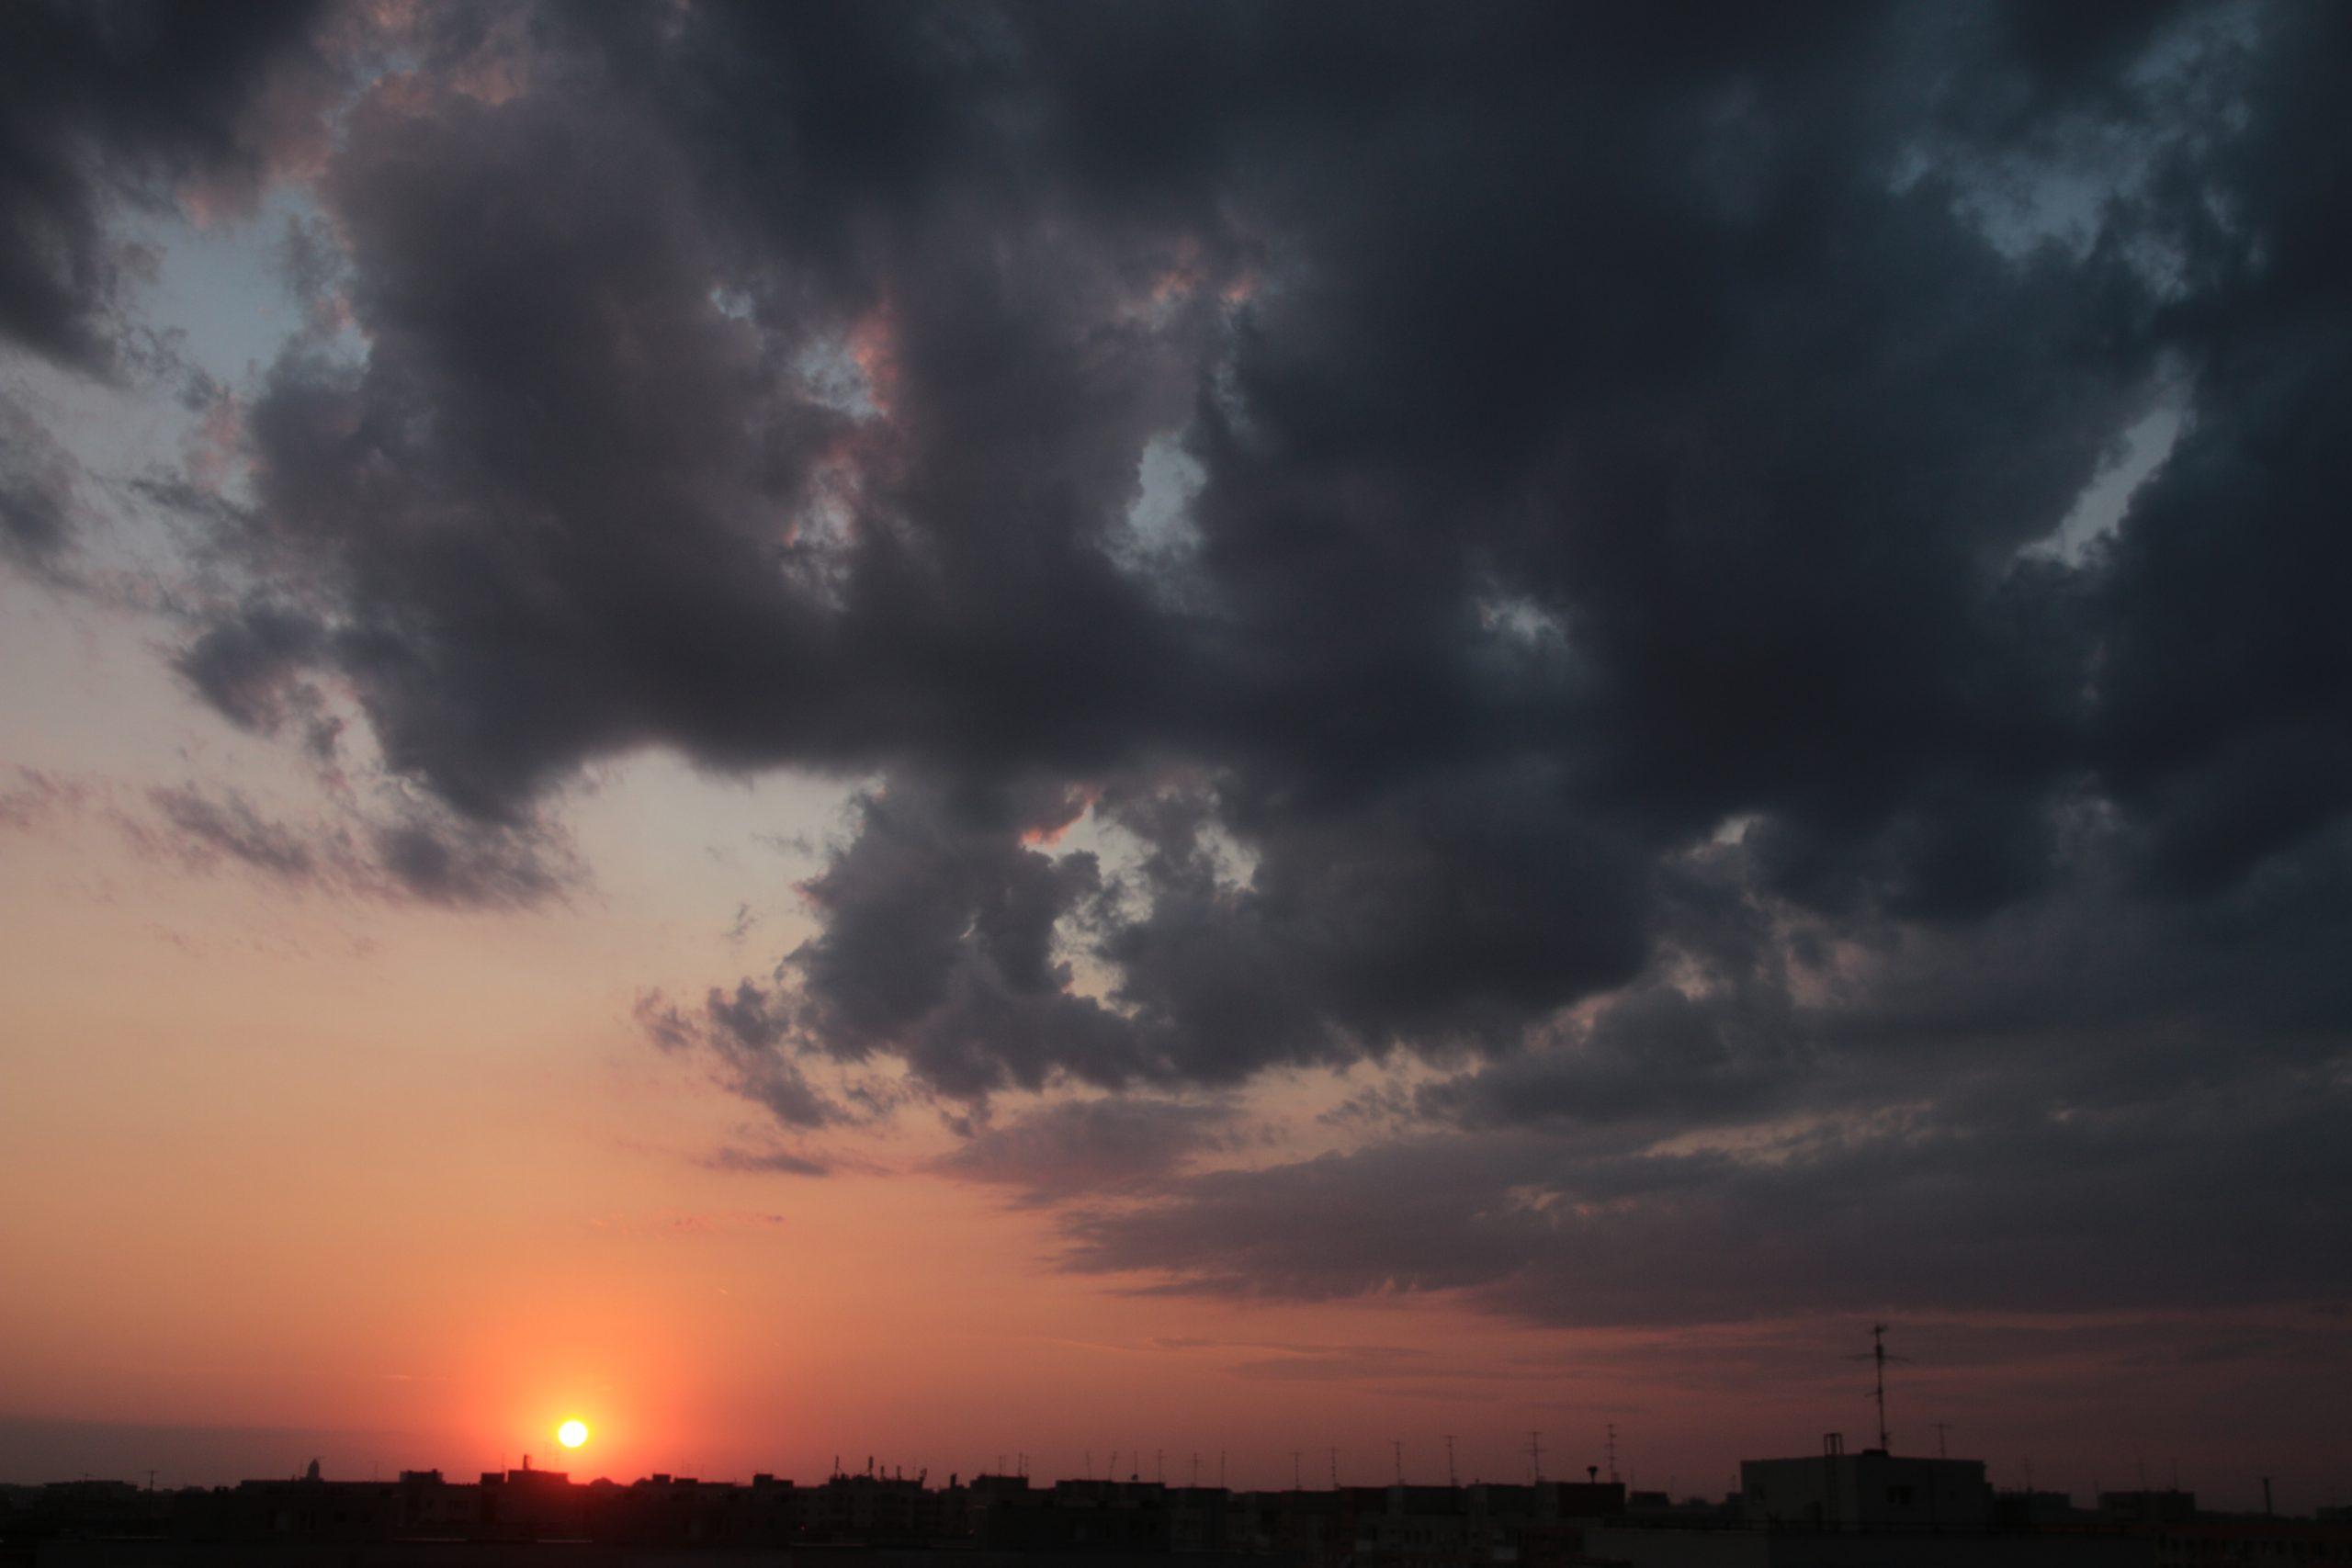 Prognoza meteo pentru București vine la pachet cu o avertizare ANM de caniculă. Cod Galben cu 38 de grade până marți în Capitală